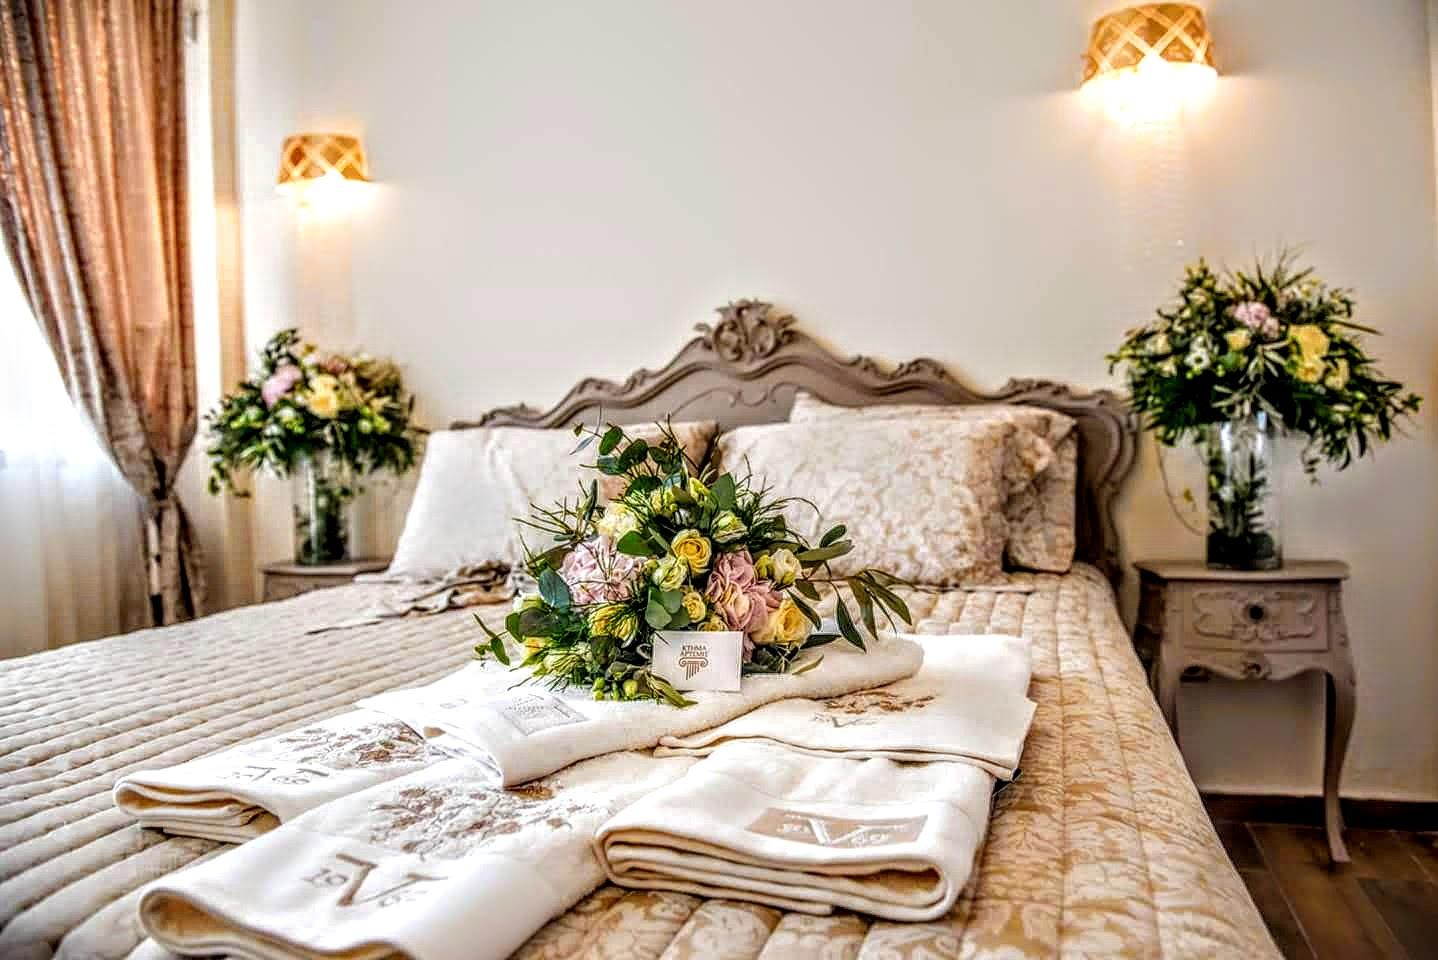 Κτήμα γάμου με νυφική σουίτα